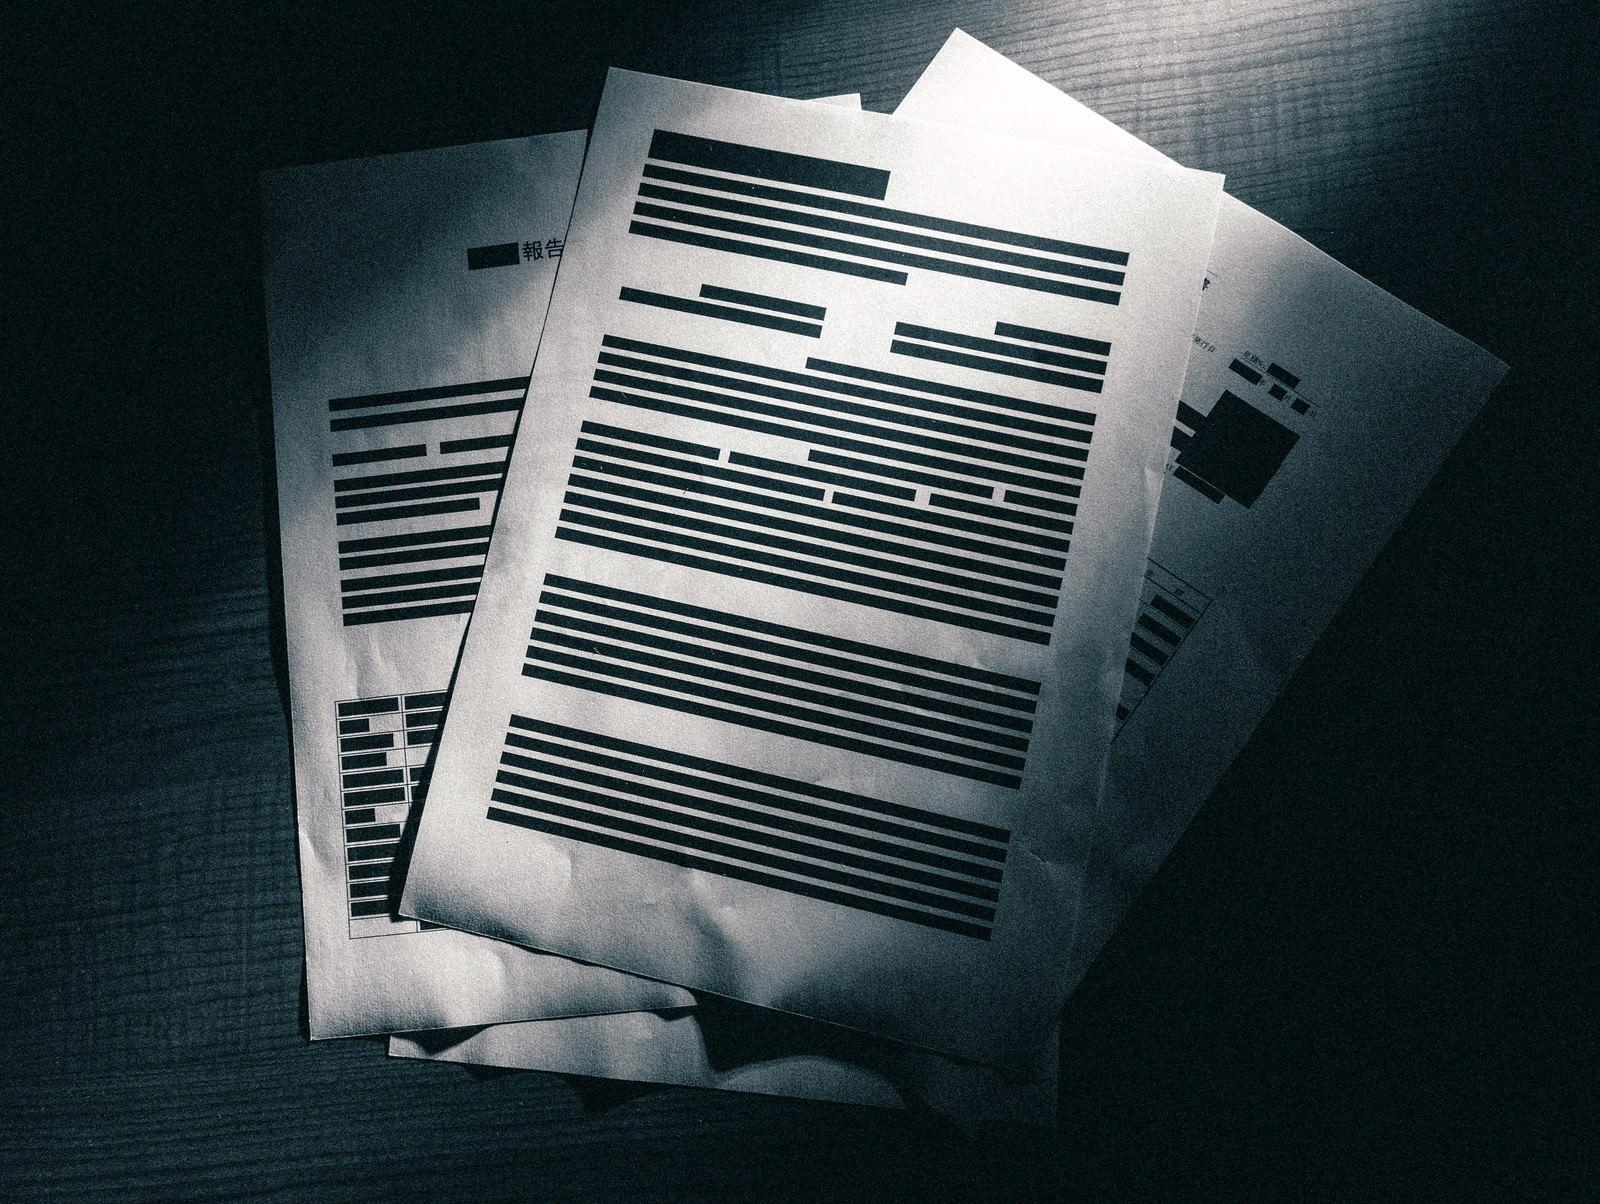 調査報告書の役割とは?書き方と例文・上手に書くコツ